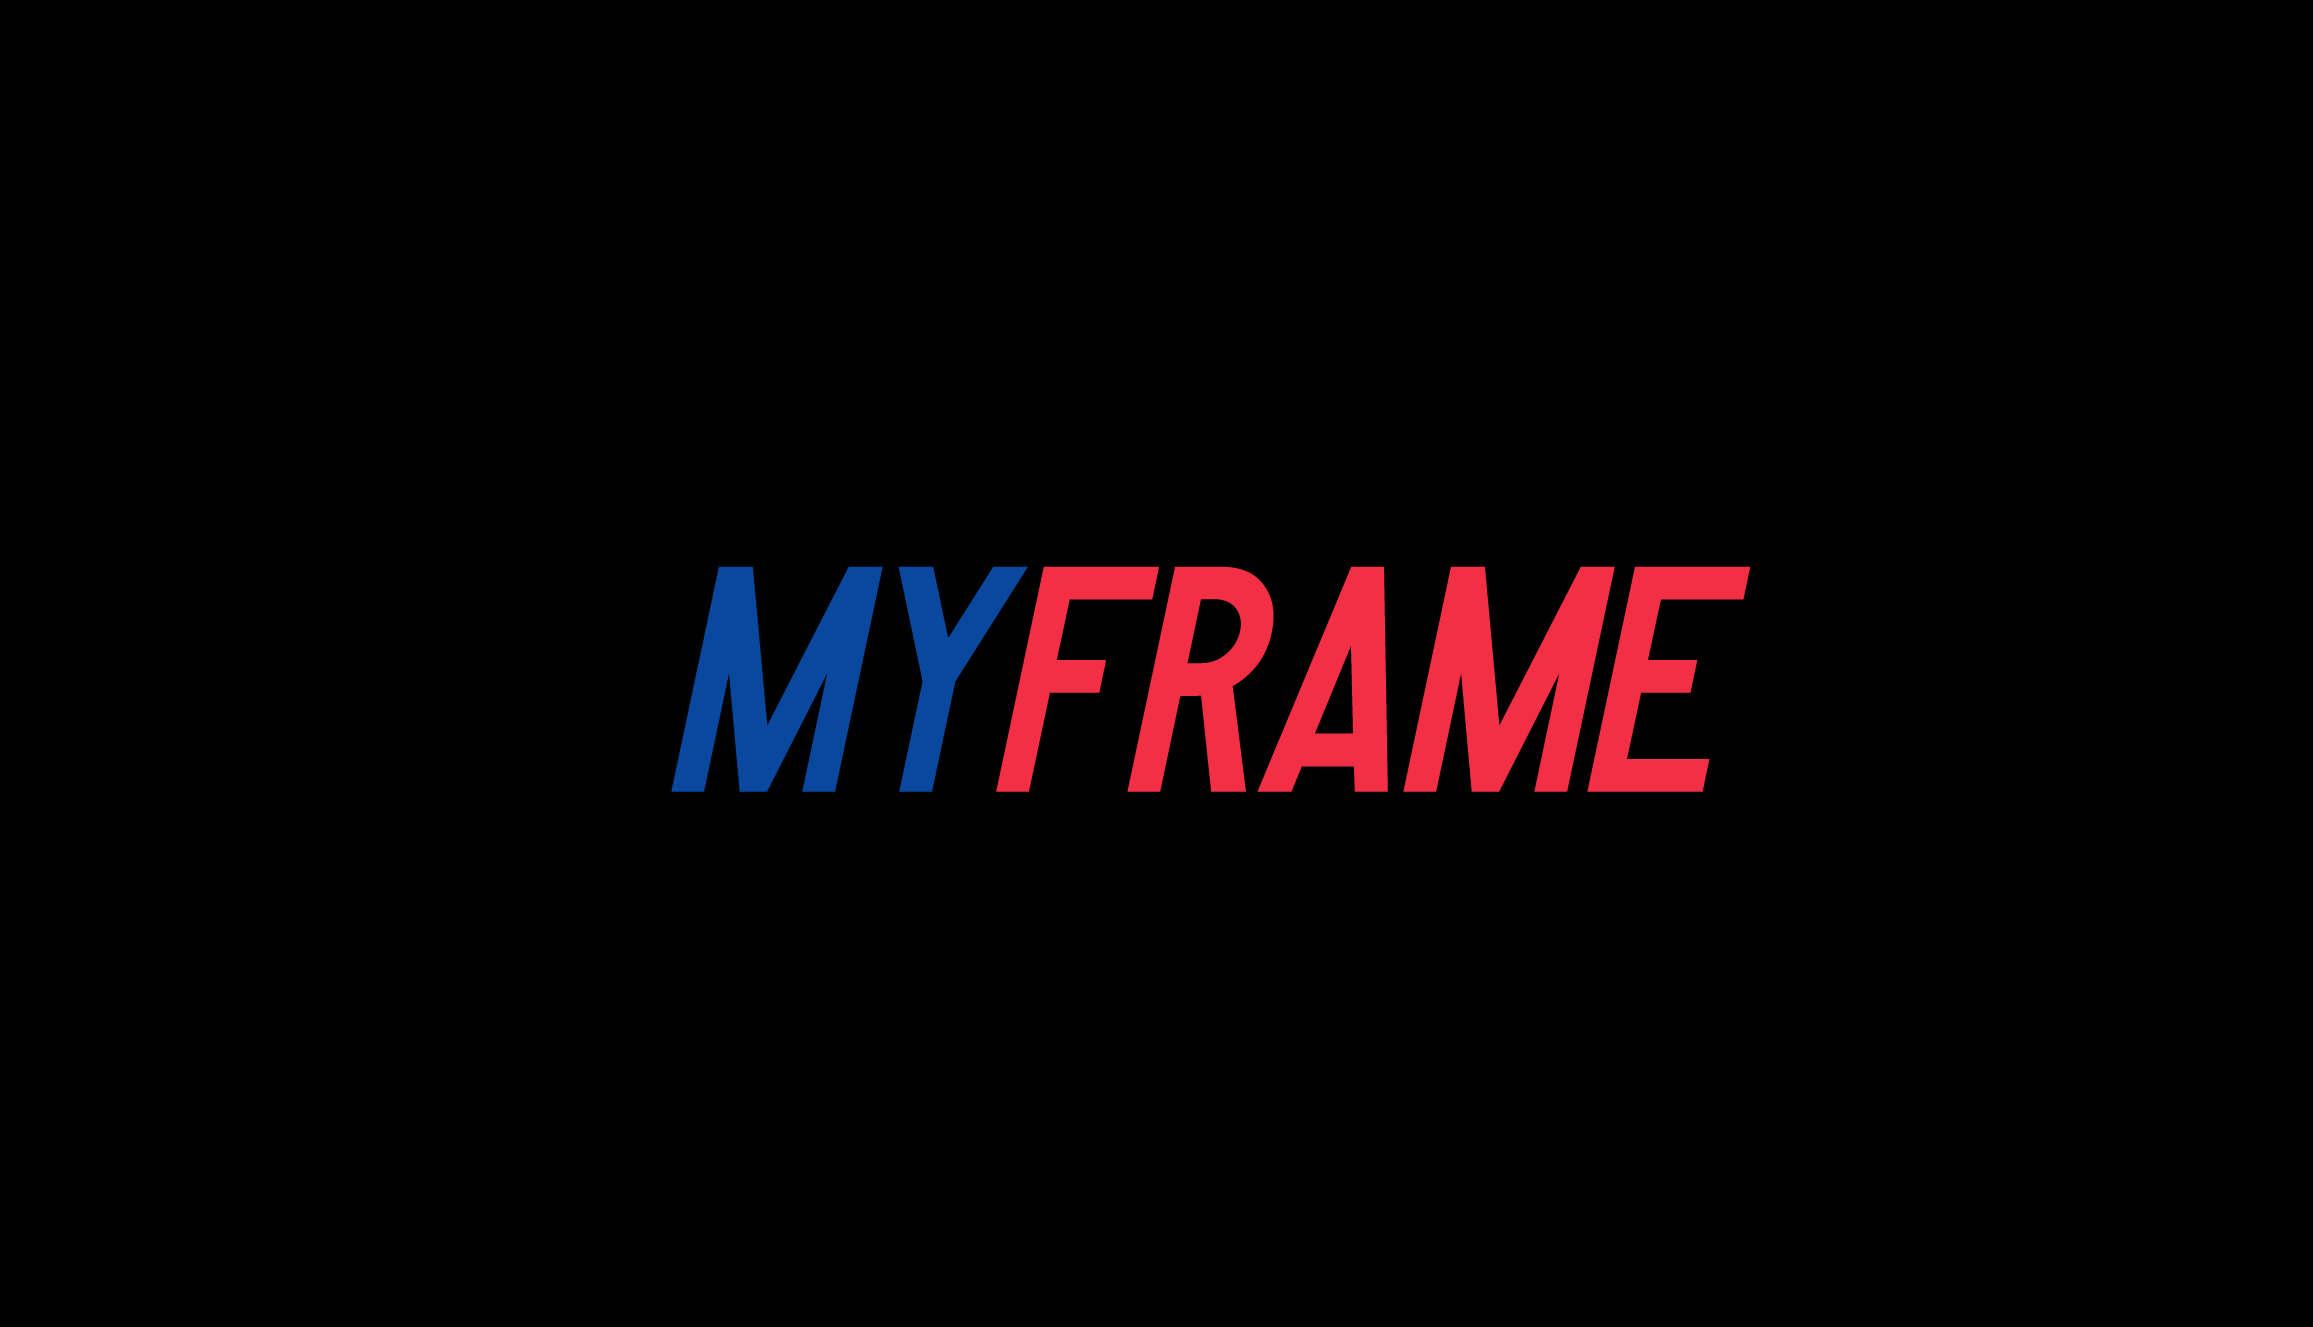 myframe logo